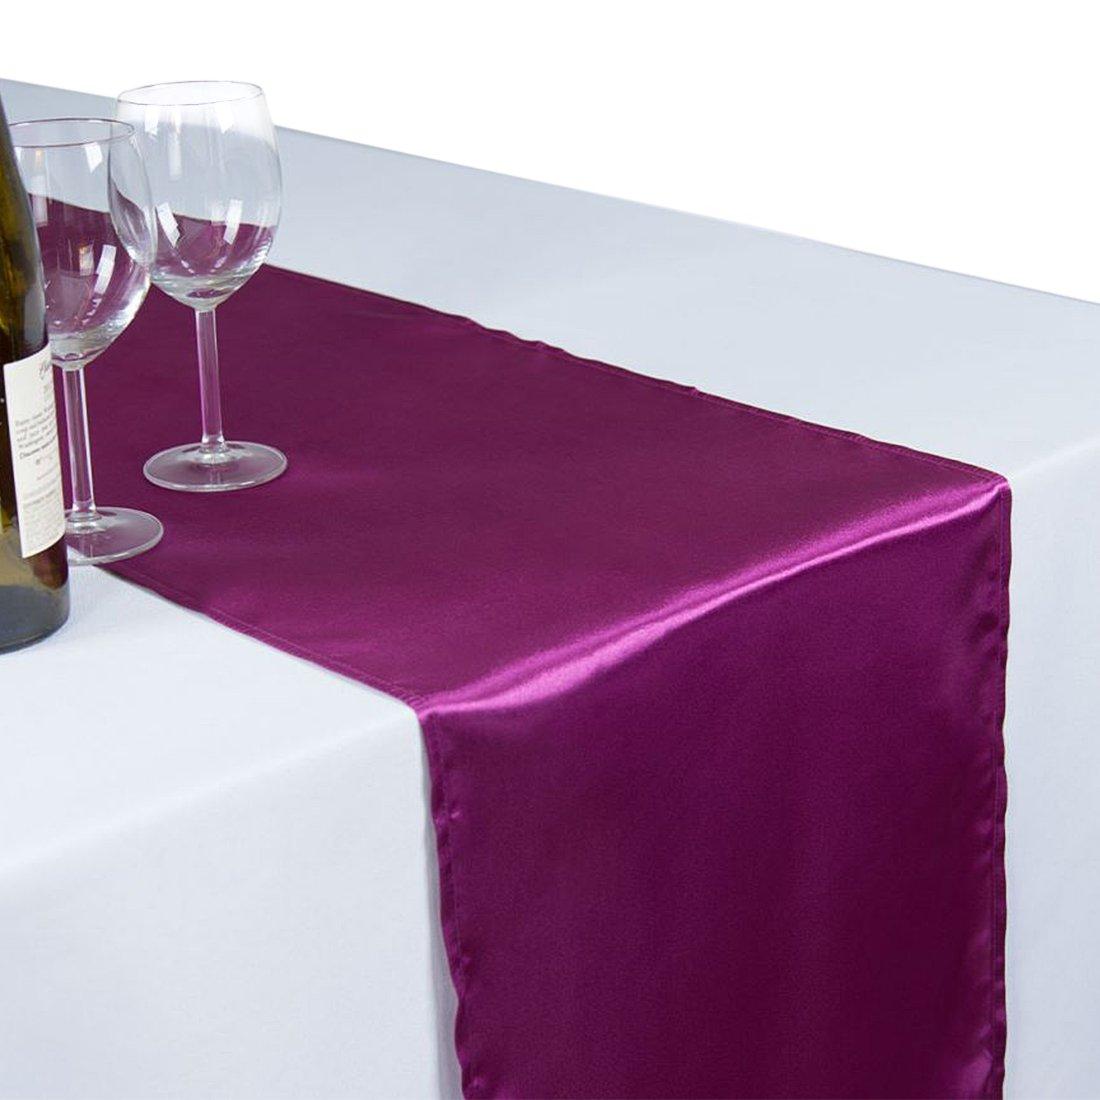 リネンテーブルクロス 14 x 108インチ サテンテーブルランナー パープルワイン×   B07487RS81